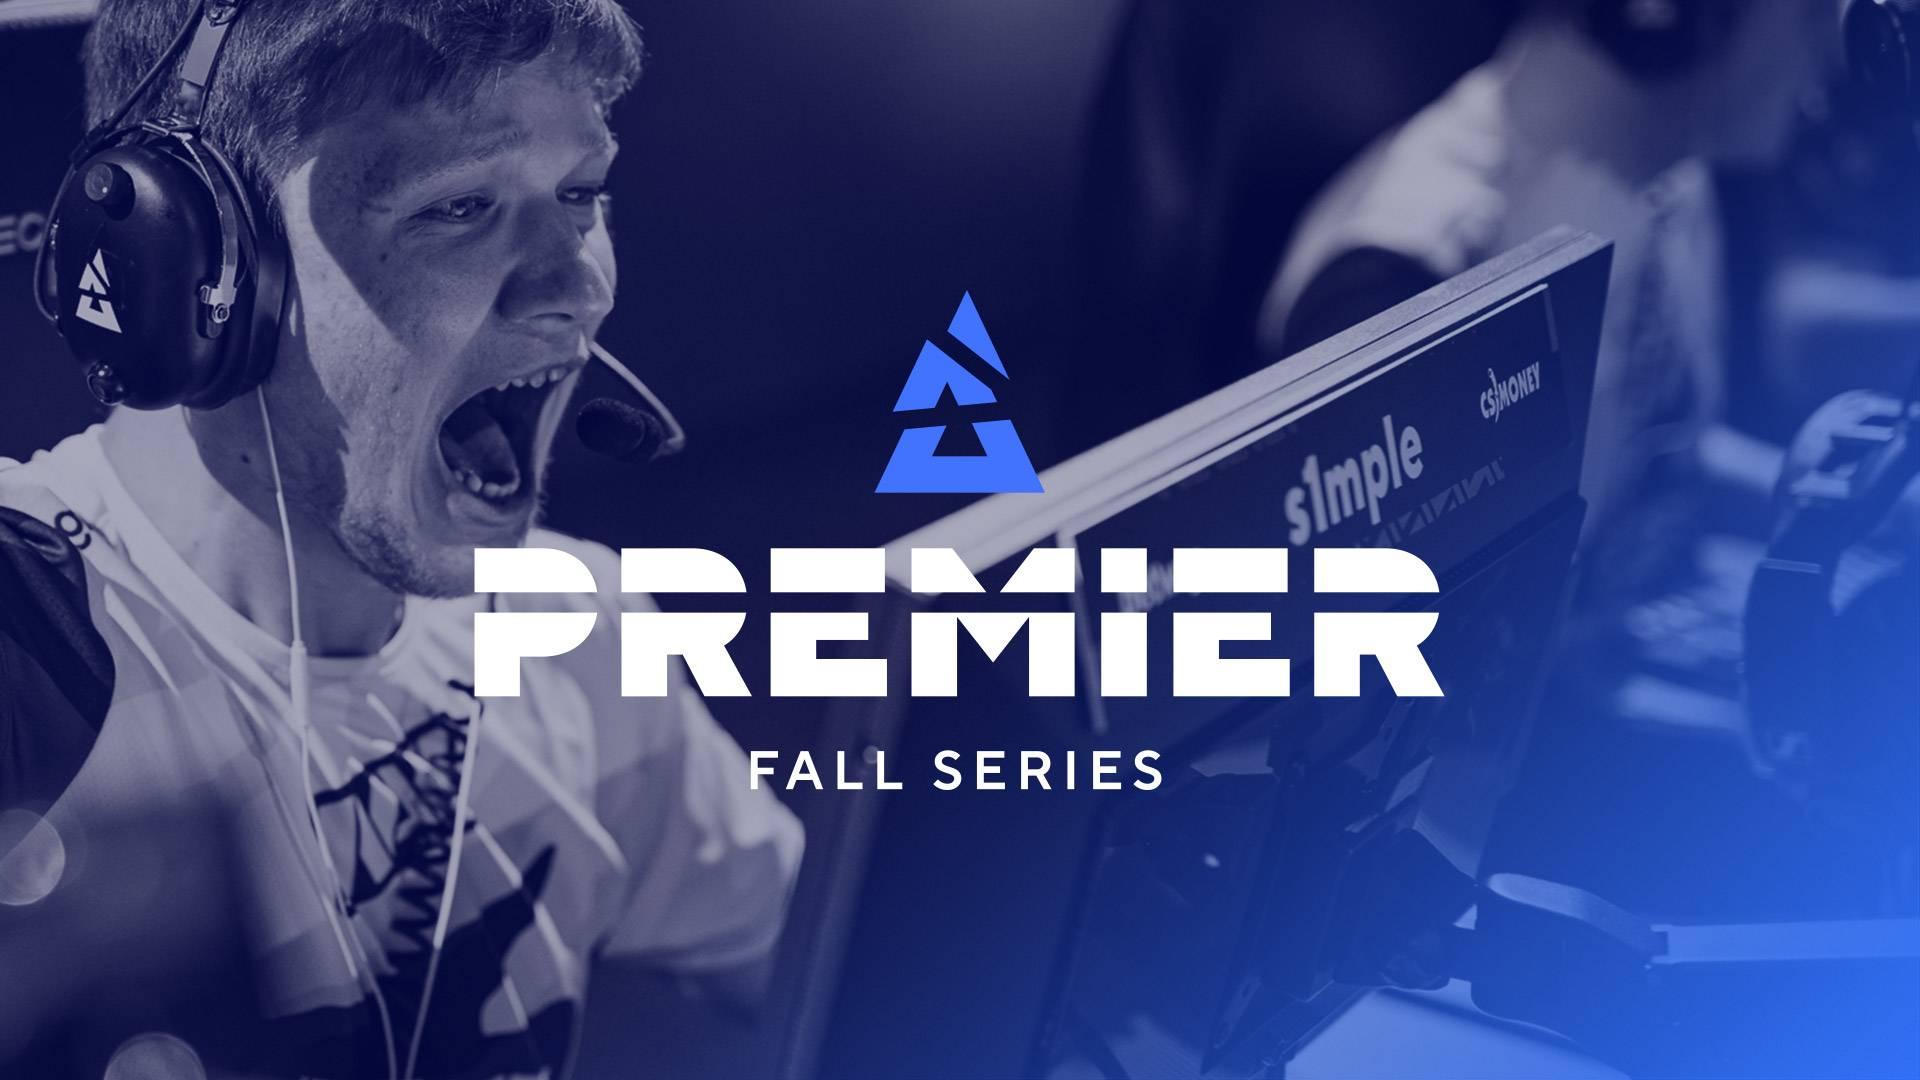 Blast Premier Fall